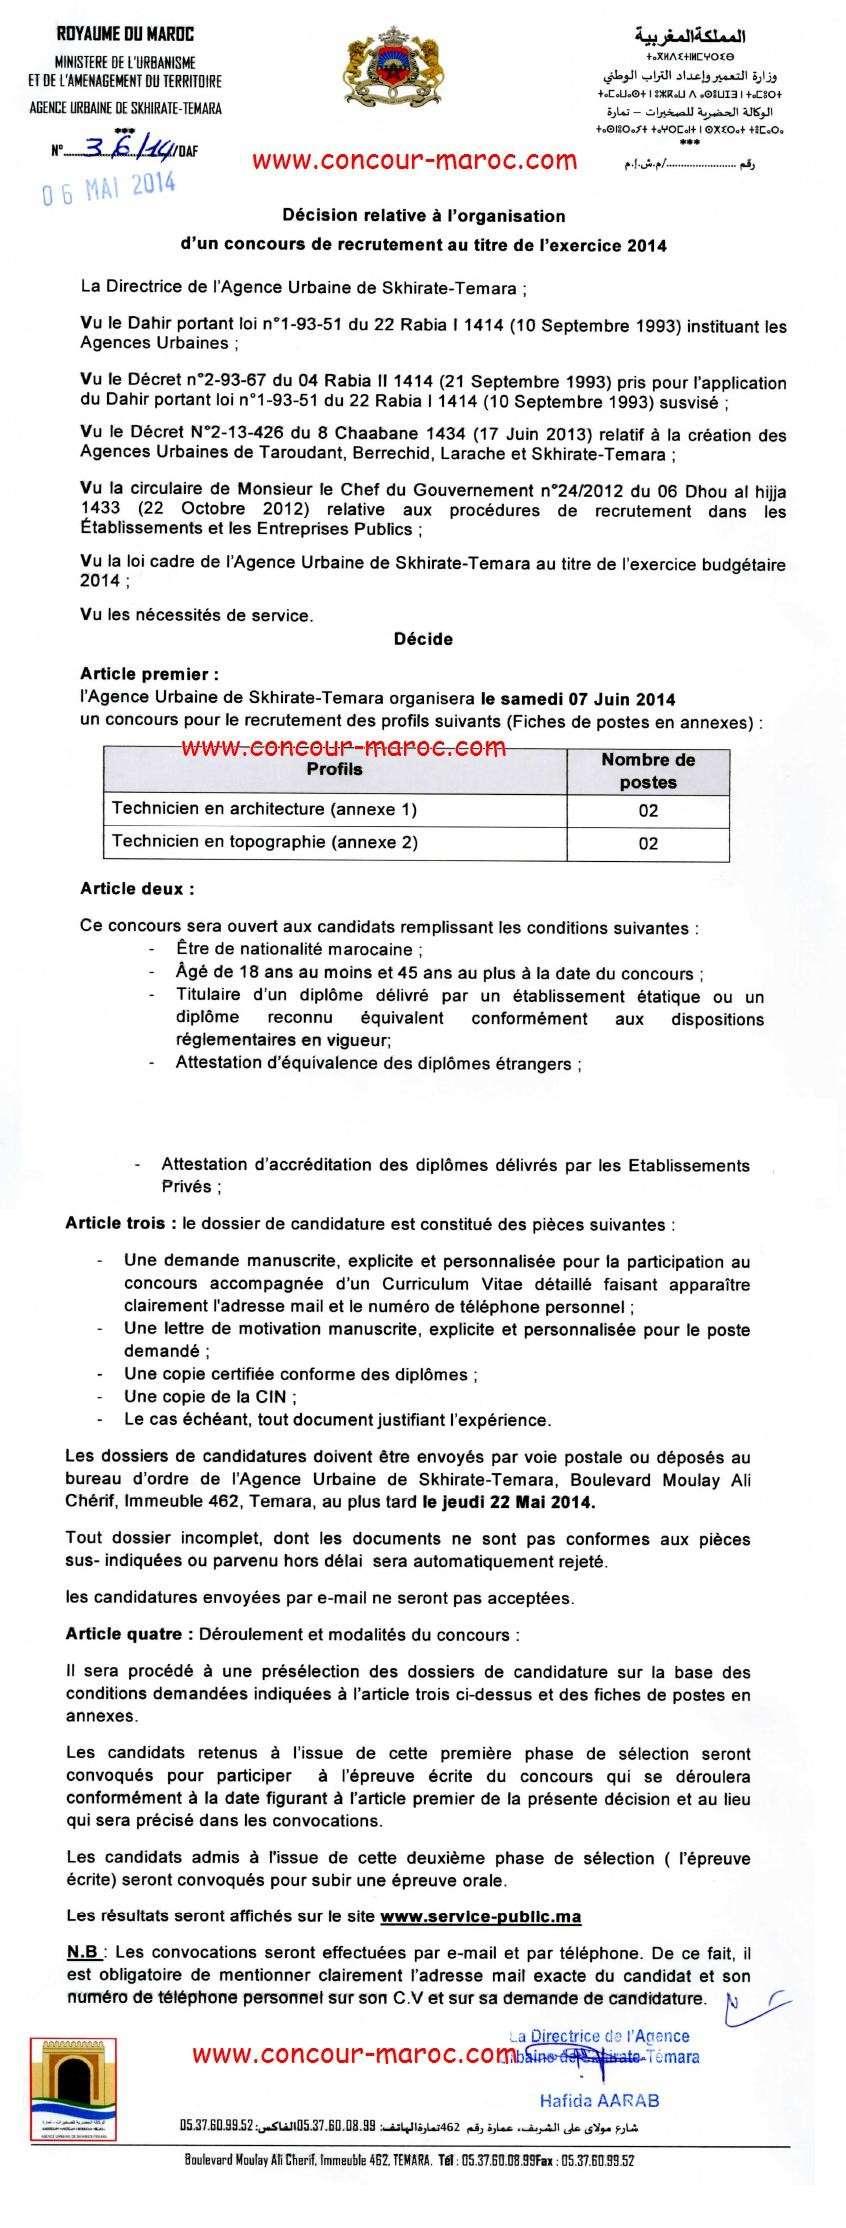 الوكالة الحضرية للصخيرات - تمارة : مباراة لتوظيف تقنيين (4 مناصب) آخر أجل لإيداع الترشيحات 22 ماي 2014 Conco135